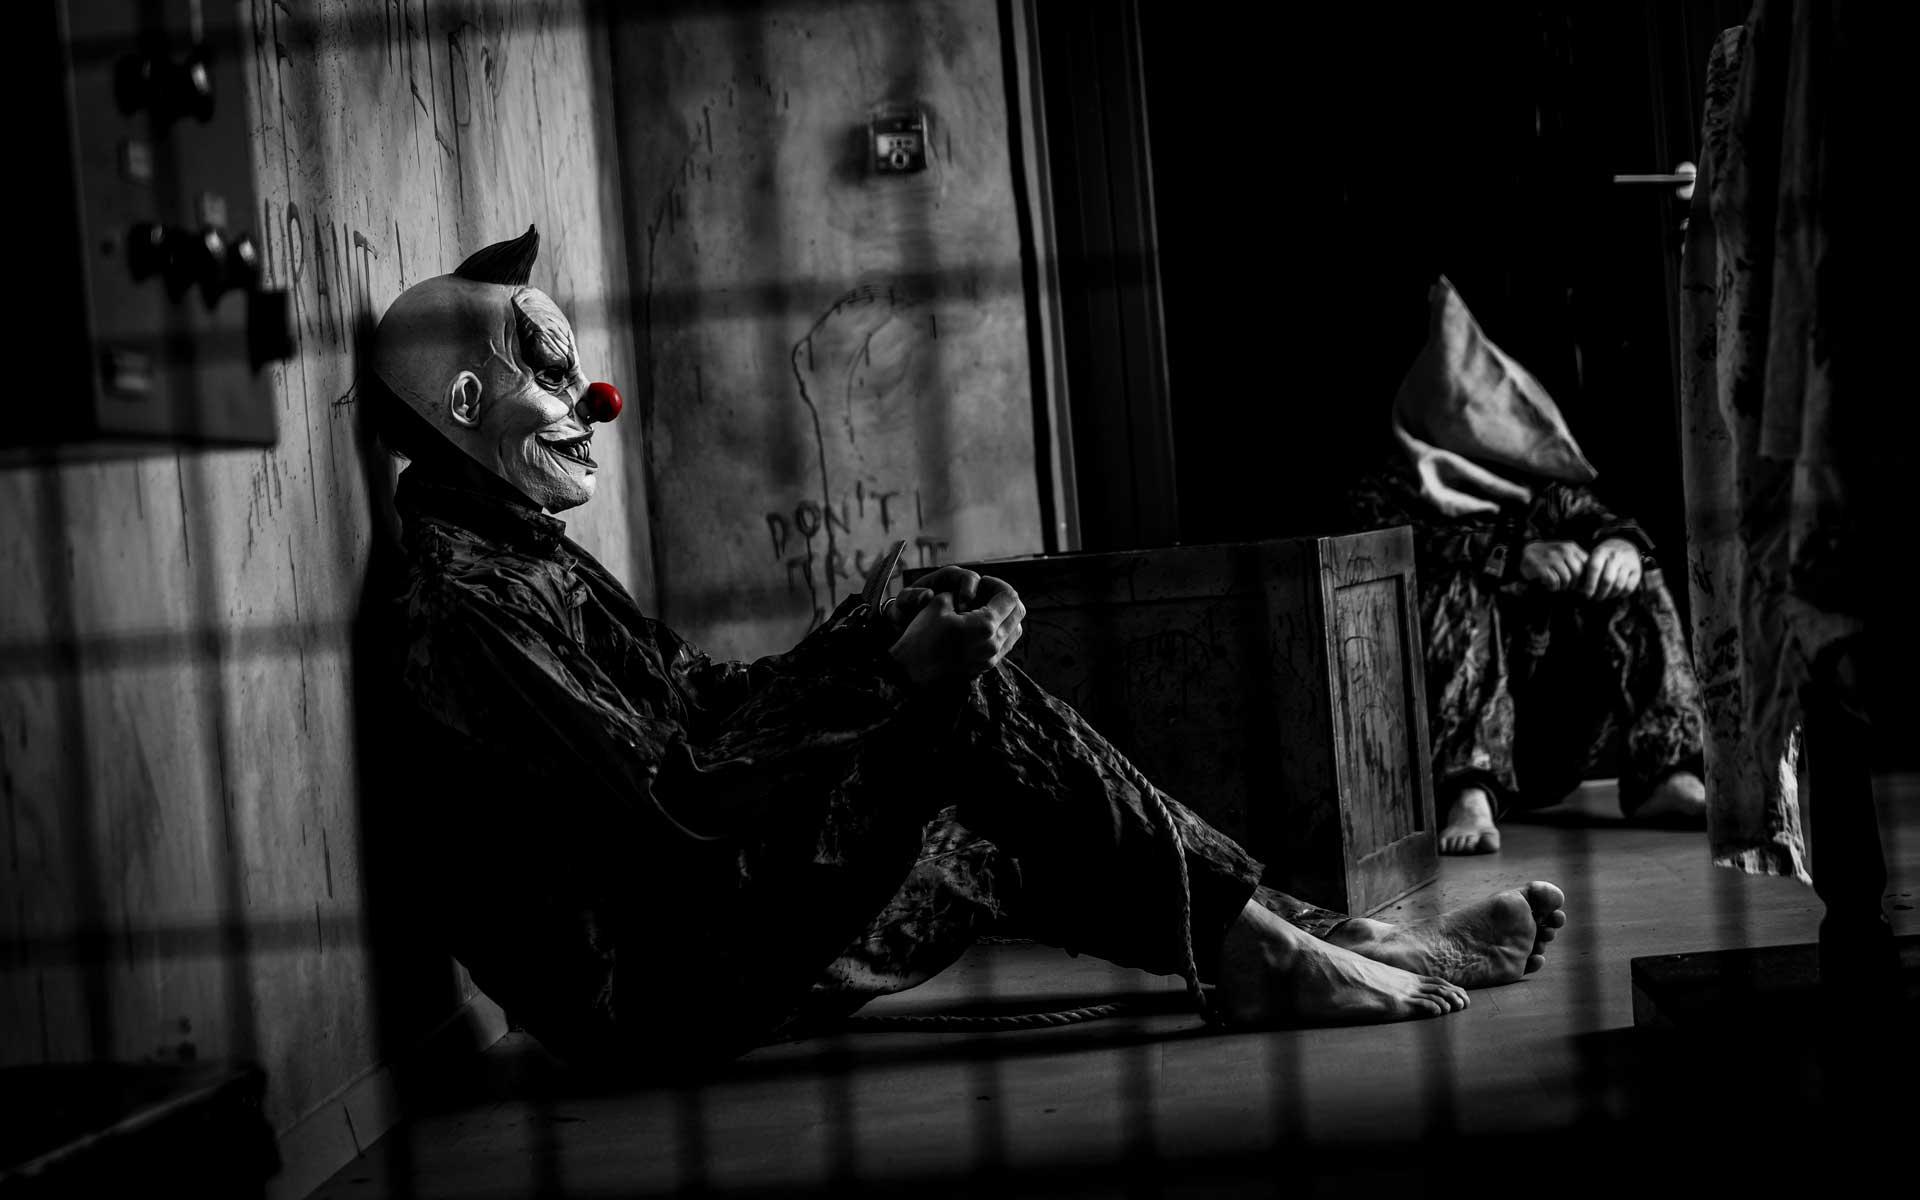 clown_02-07-21_1920x1200